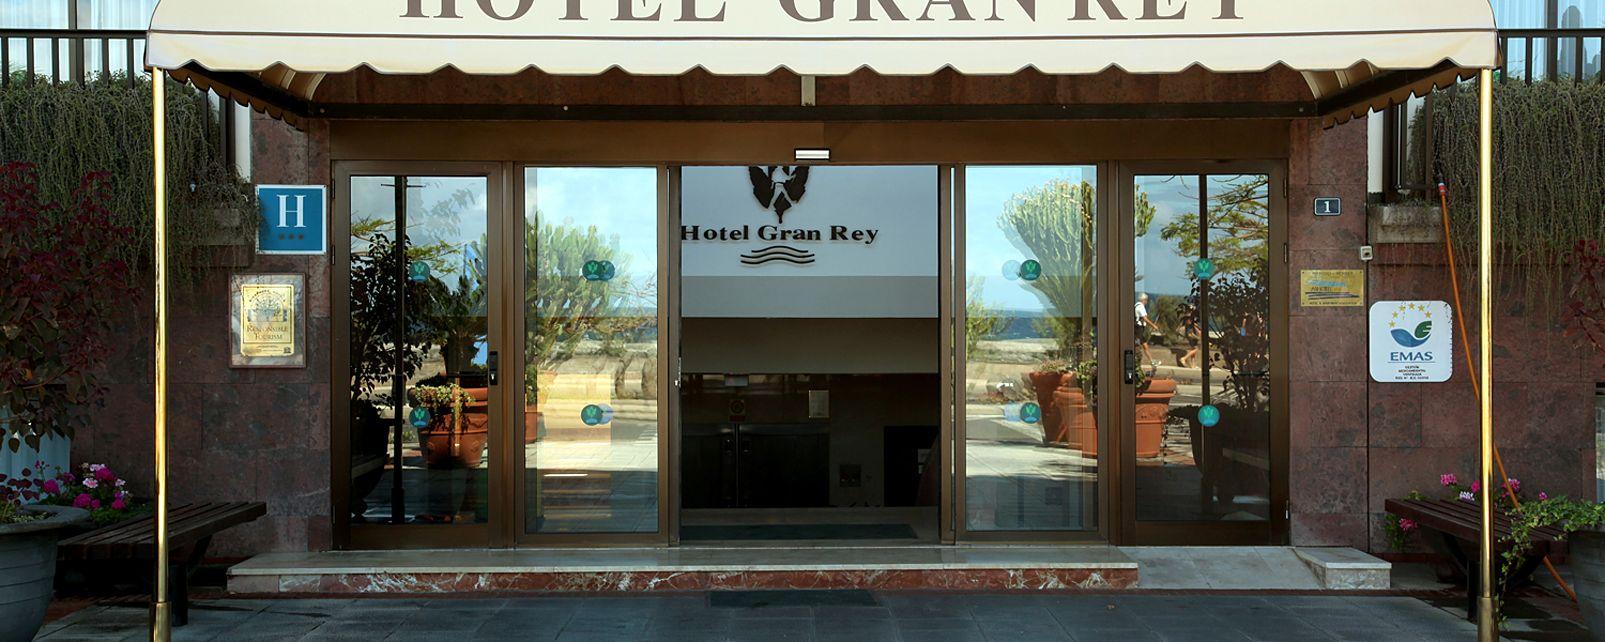 Hôtel Gran Rey